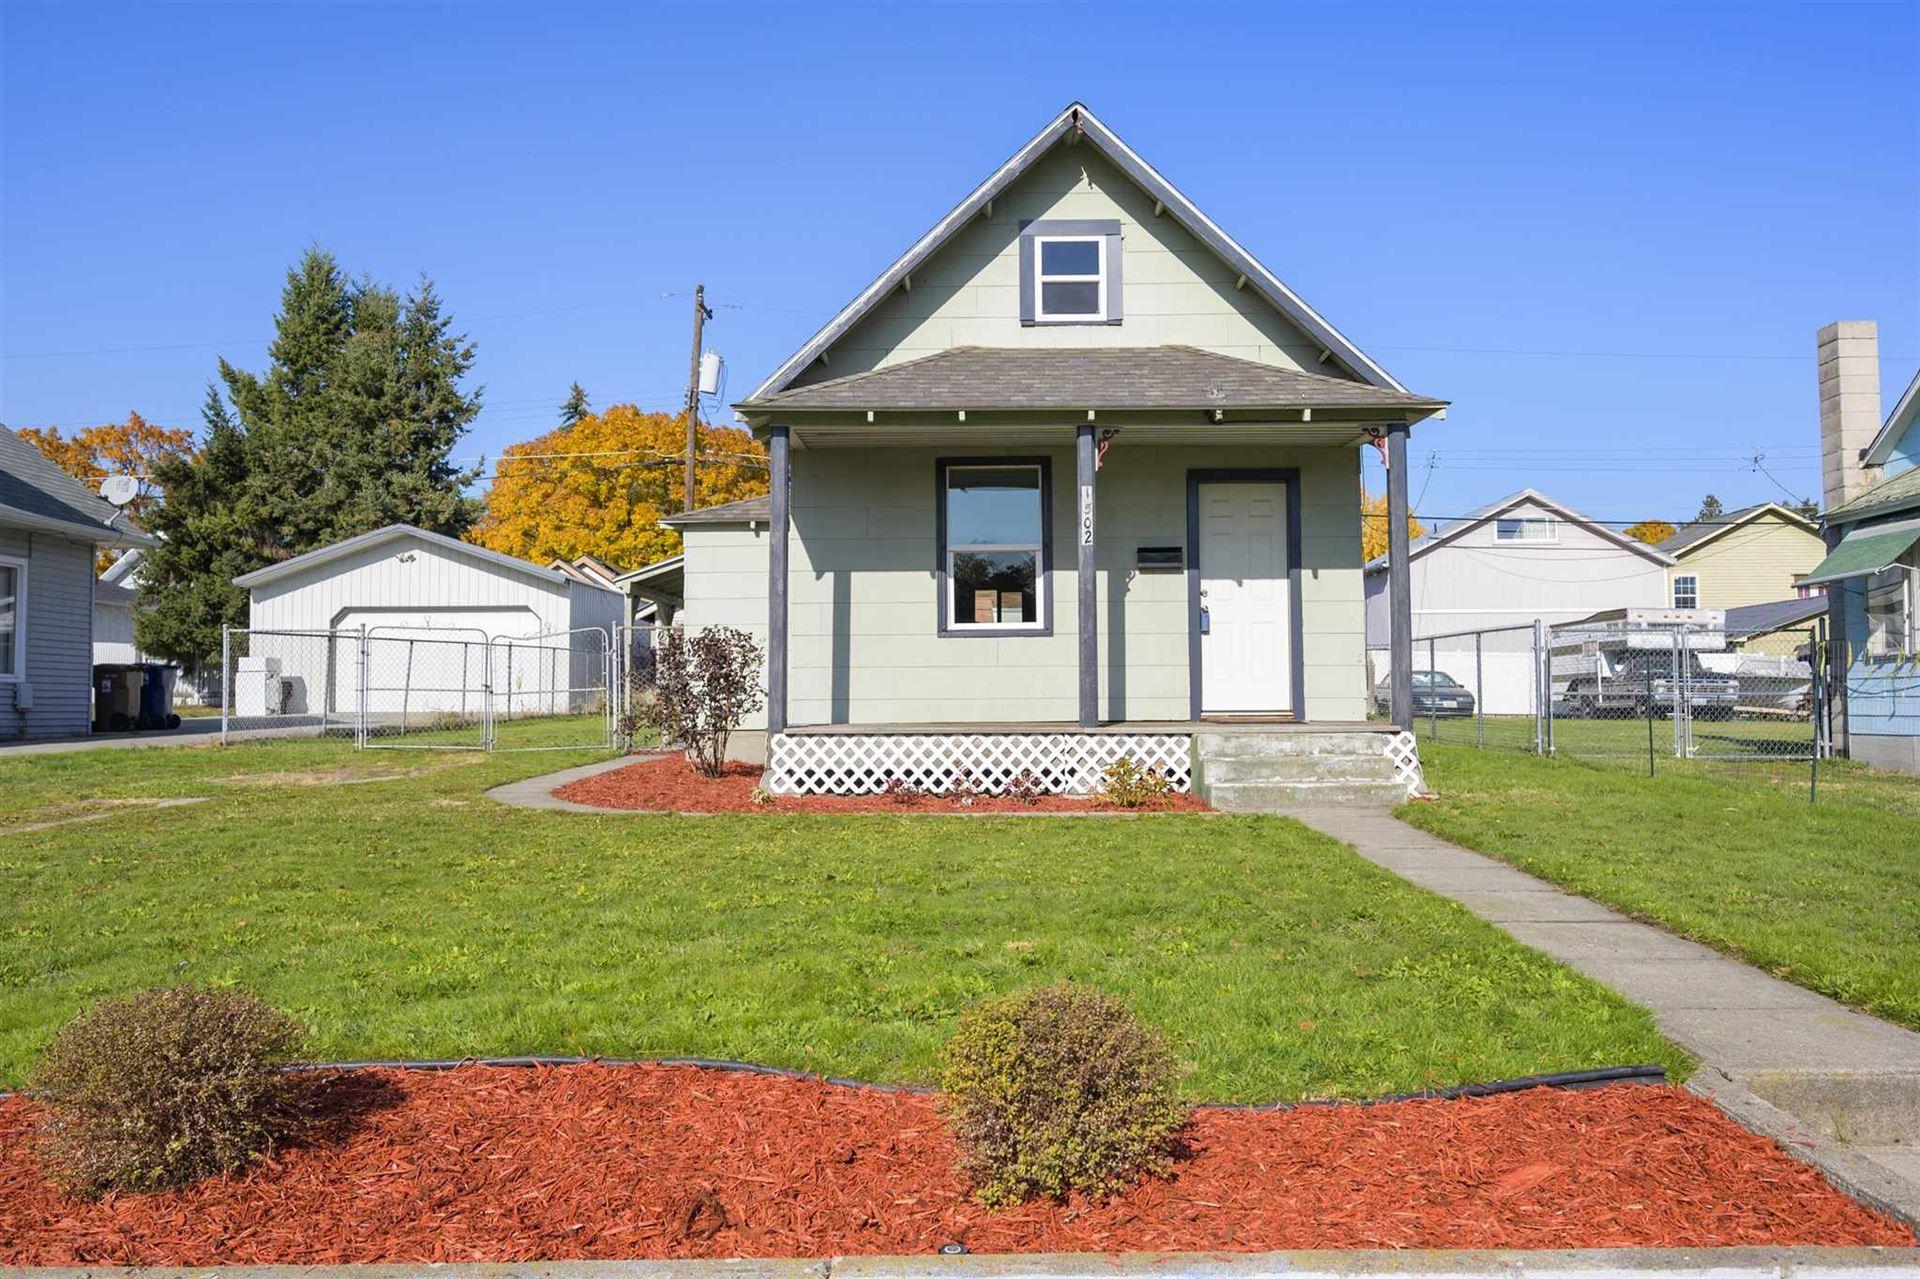 Photo of 1502 W Euclid Ave, Spokane, WA 99205-2780 (MLS # 202124118)